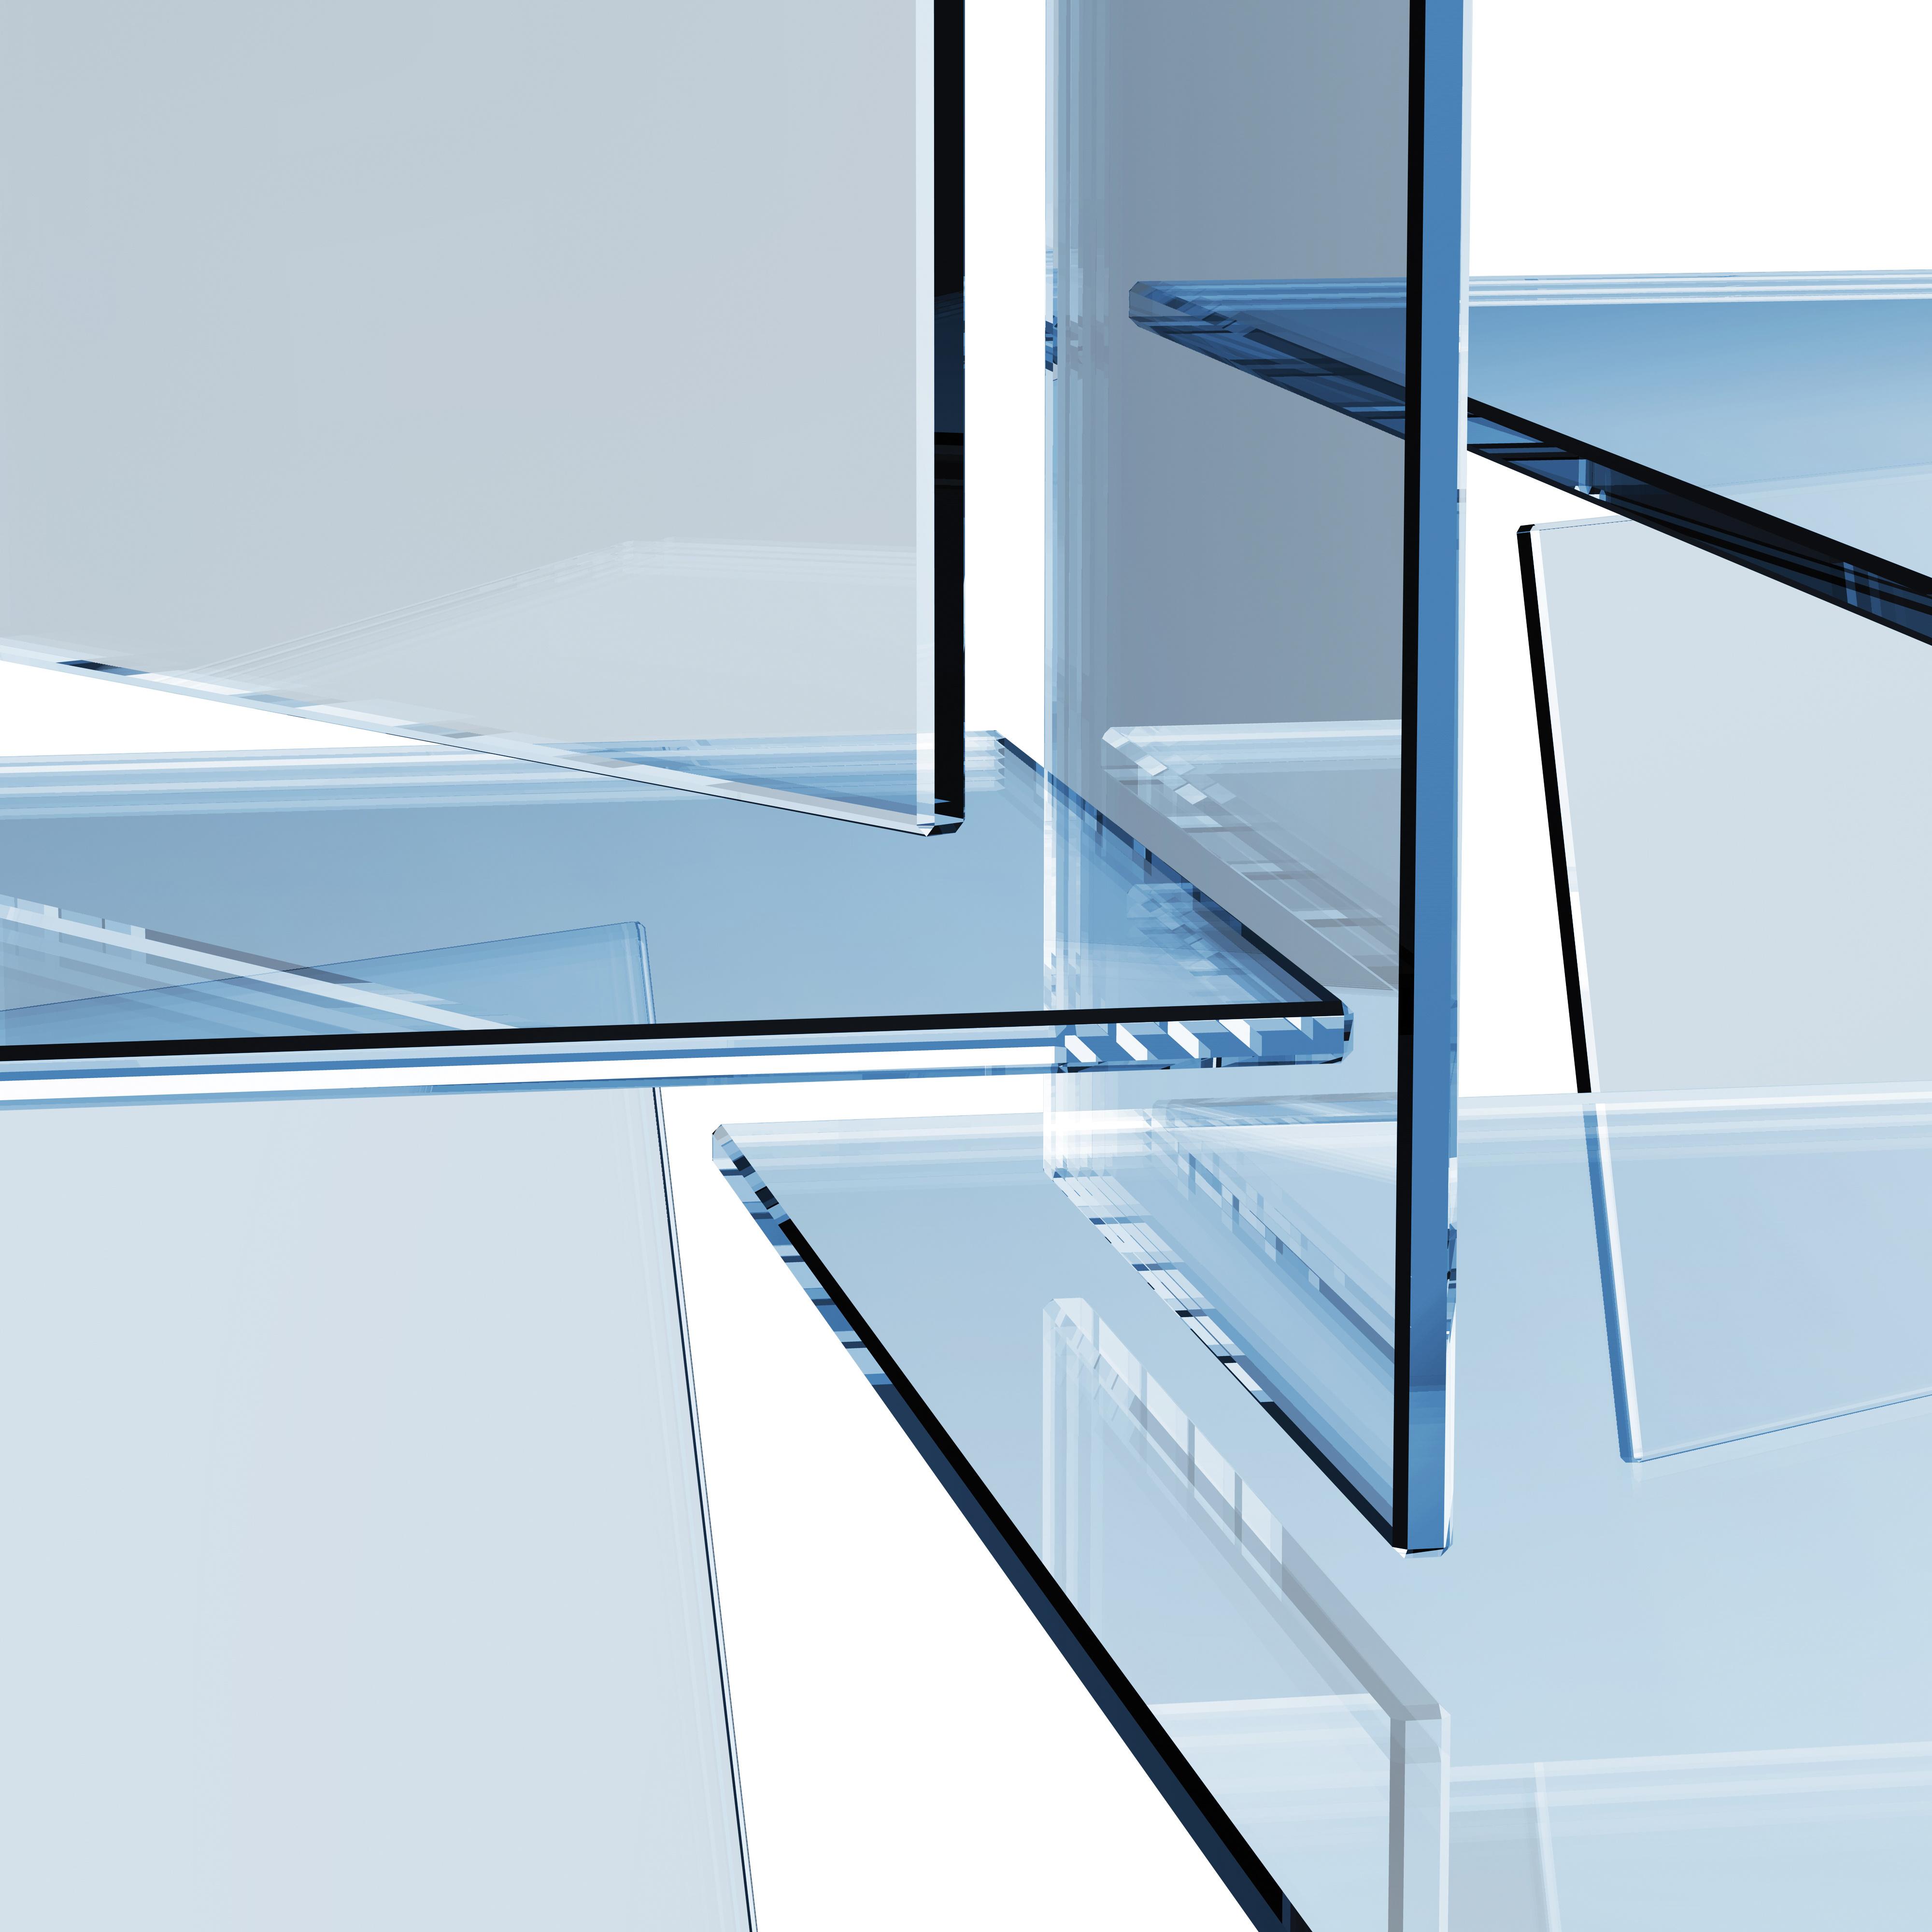 Remplacement de tous types de verres : Float, vitrage isolant, verre de sécurité, feuilleté, trempé, etc